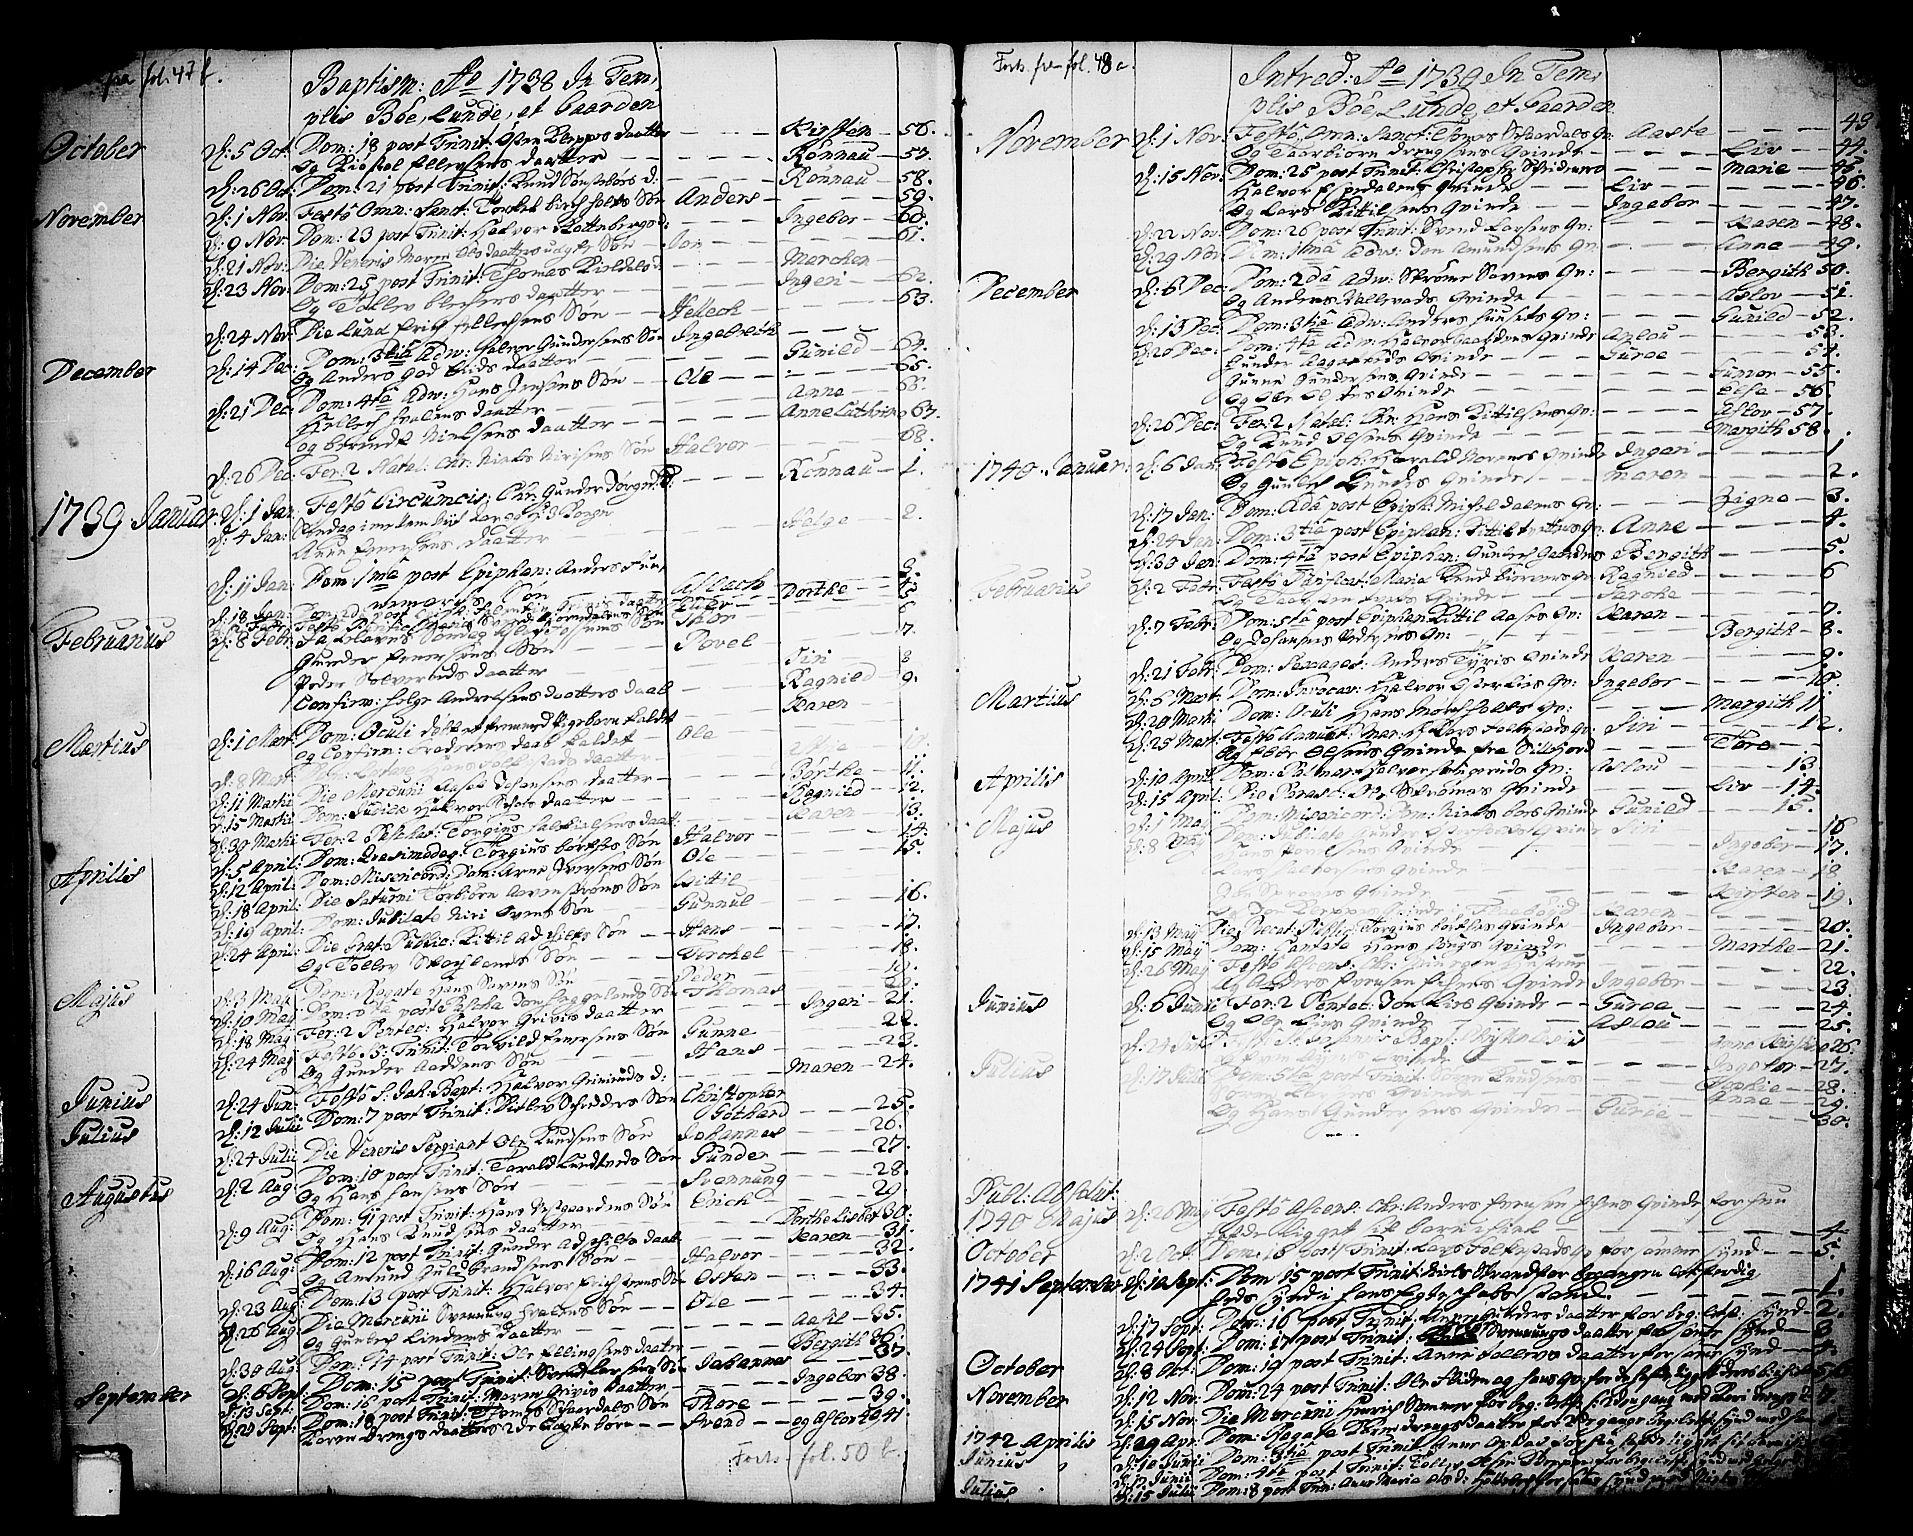 SAKO, Bø kirkebøker, F/Fa/L0003: Ministerialbok nr. 3, 1733-1748, s. 49